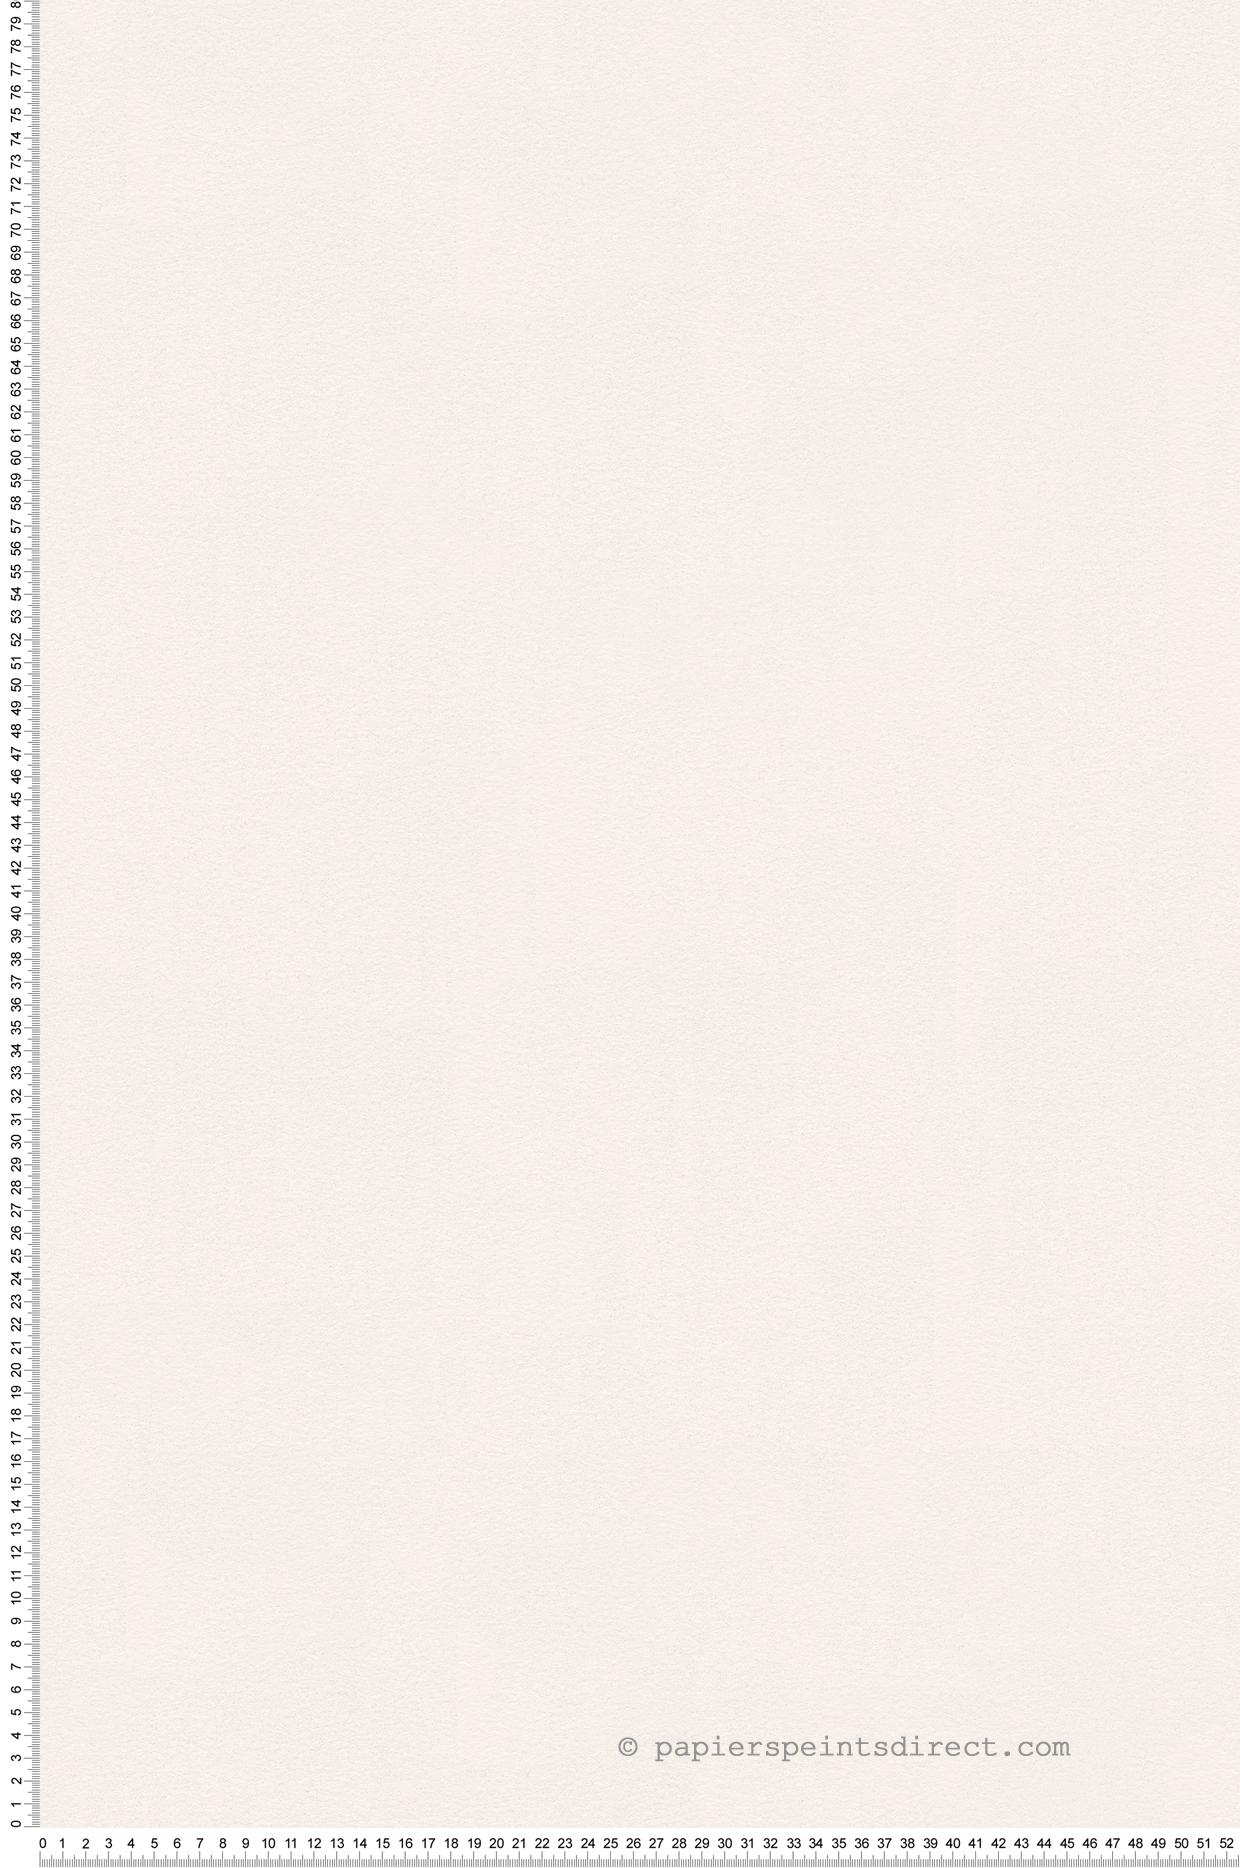 Papier Peint Uni à Paillettes Blanc Life 4 Life 3 Et Spot